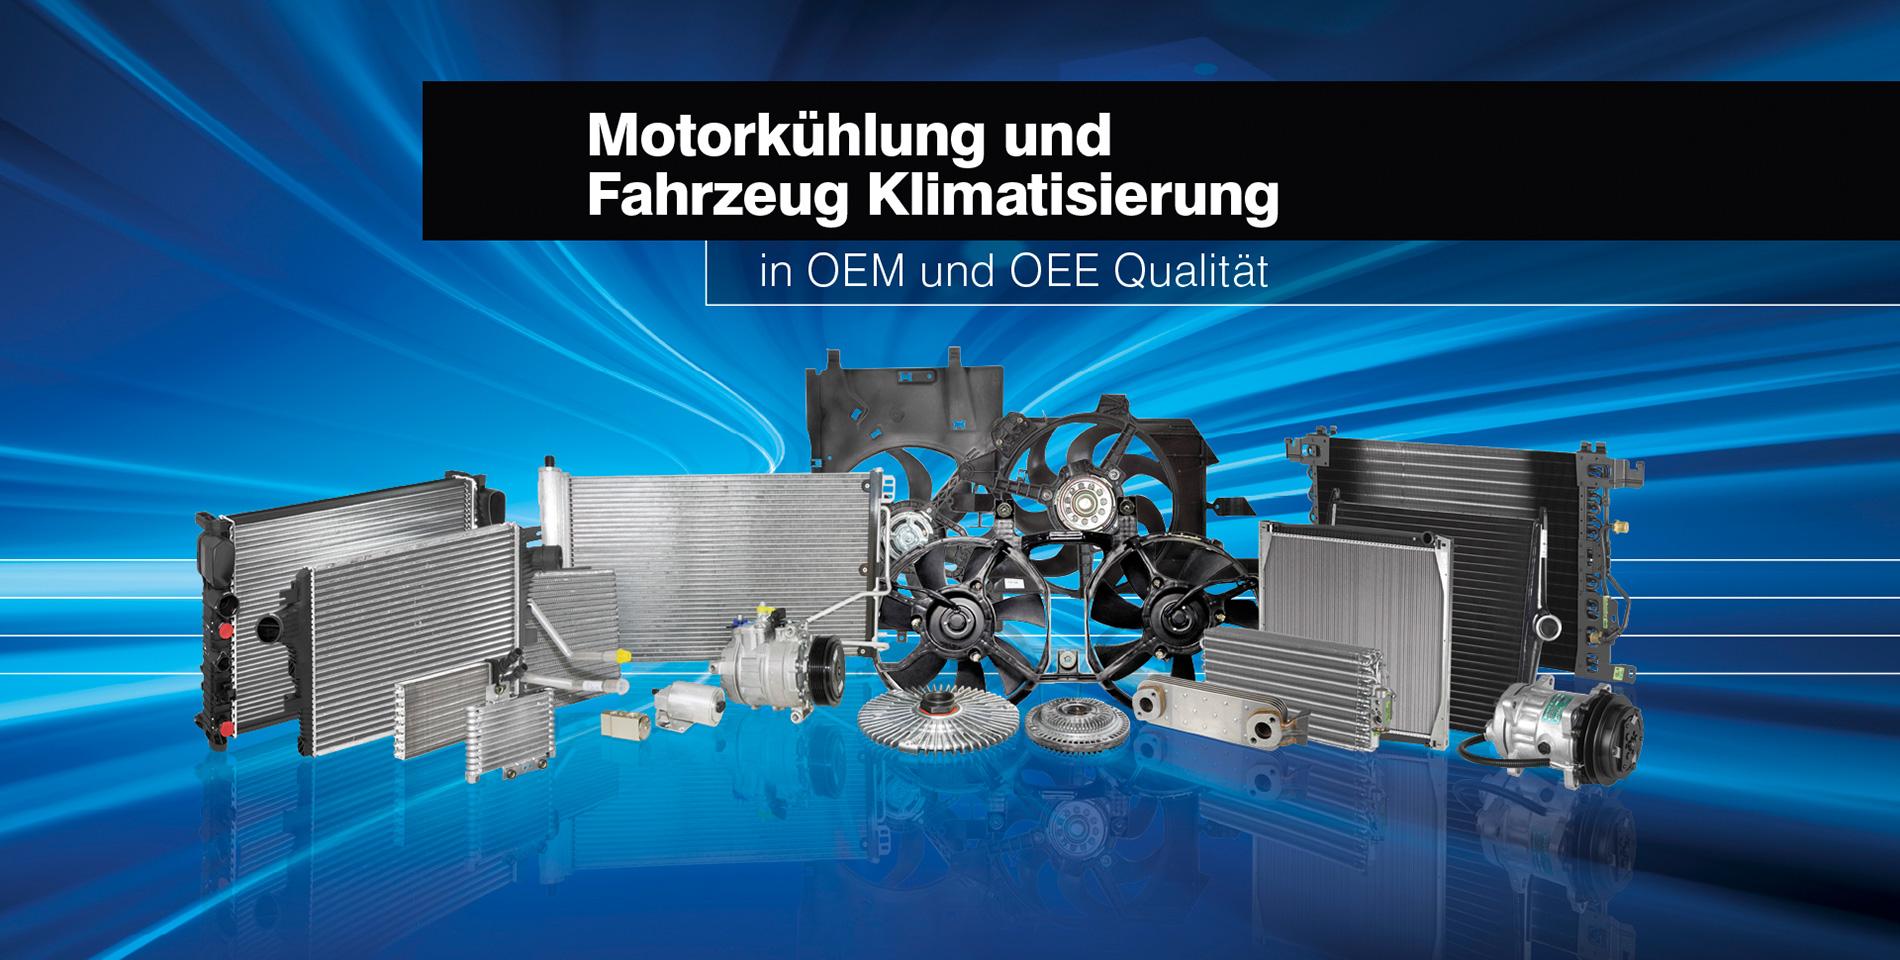 Motorkühlung und Fahrzeug Klimatisierung